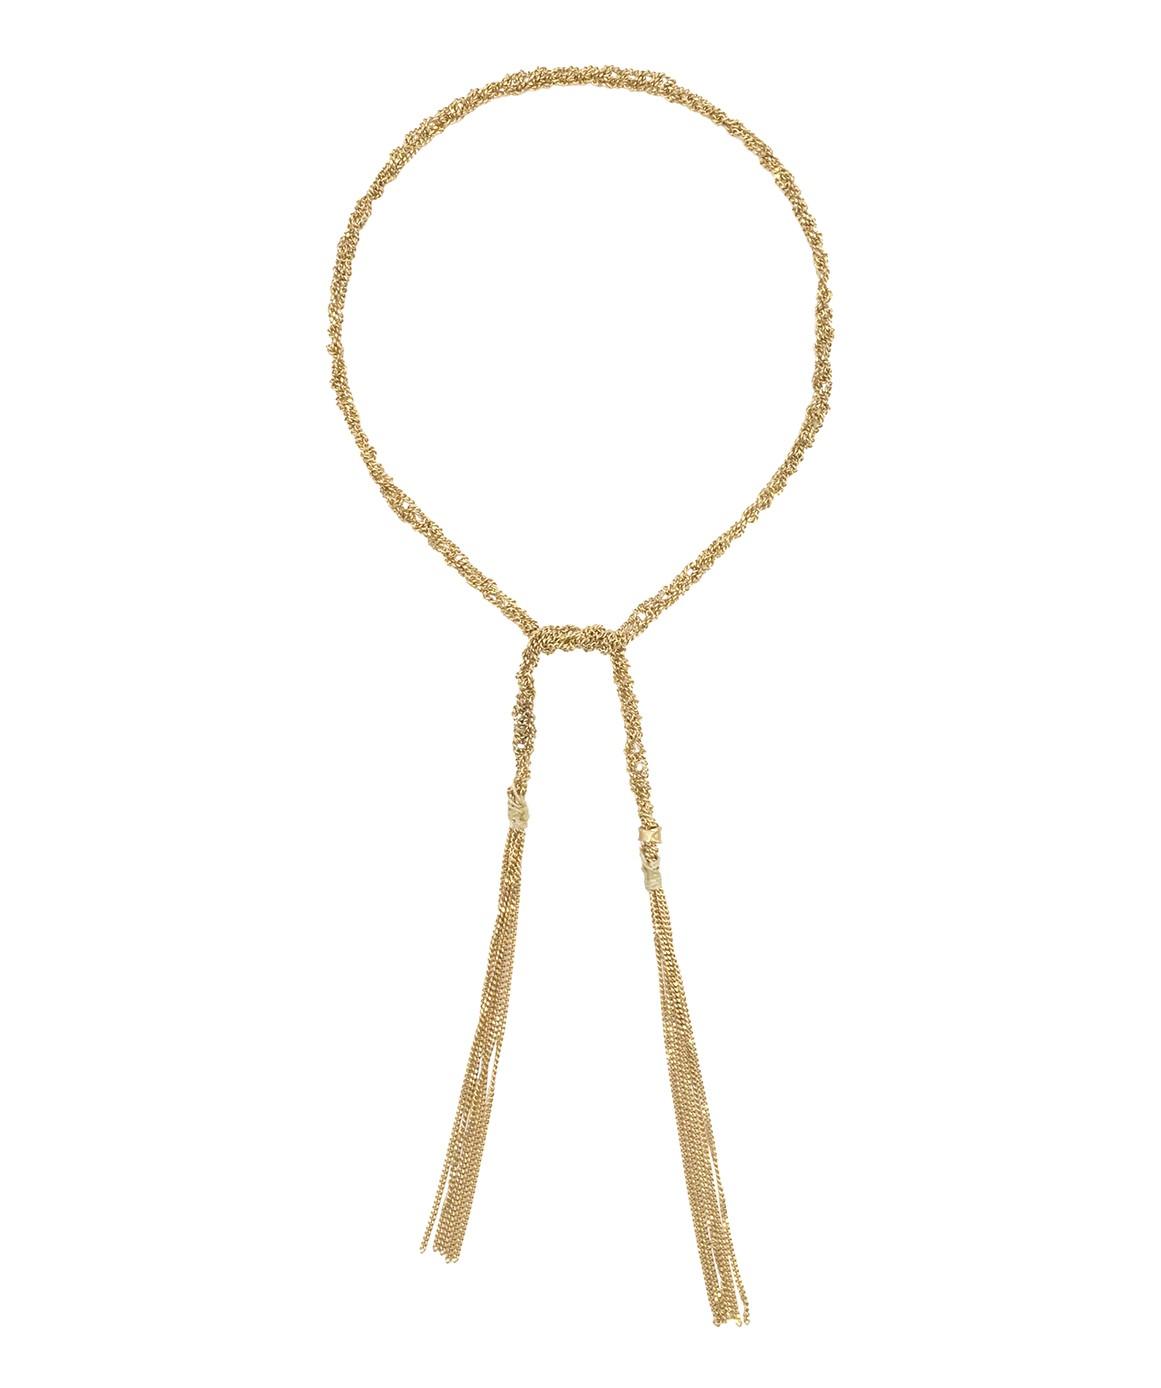 Bracciale MILLESIMATO in Argento 925 bagno oro Giallo 18Kt.